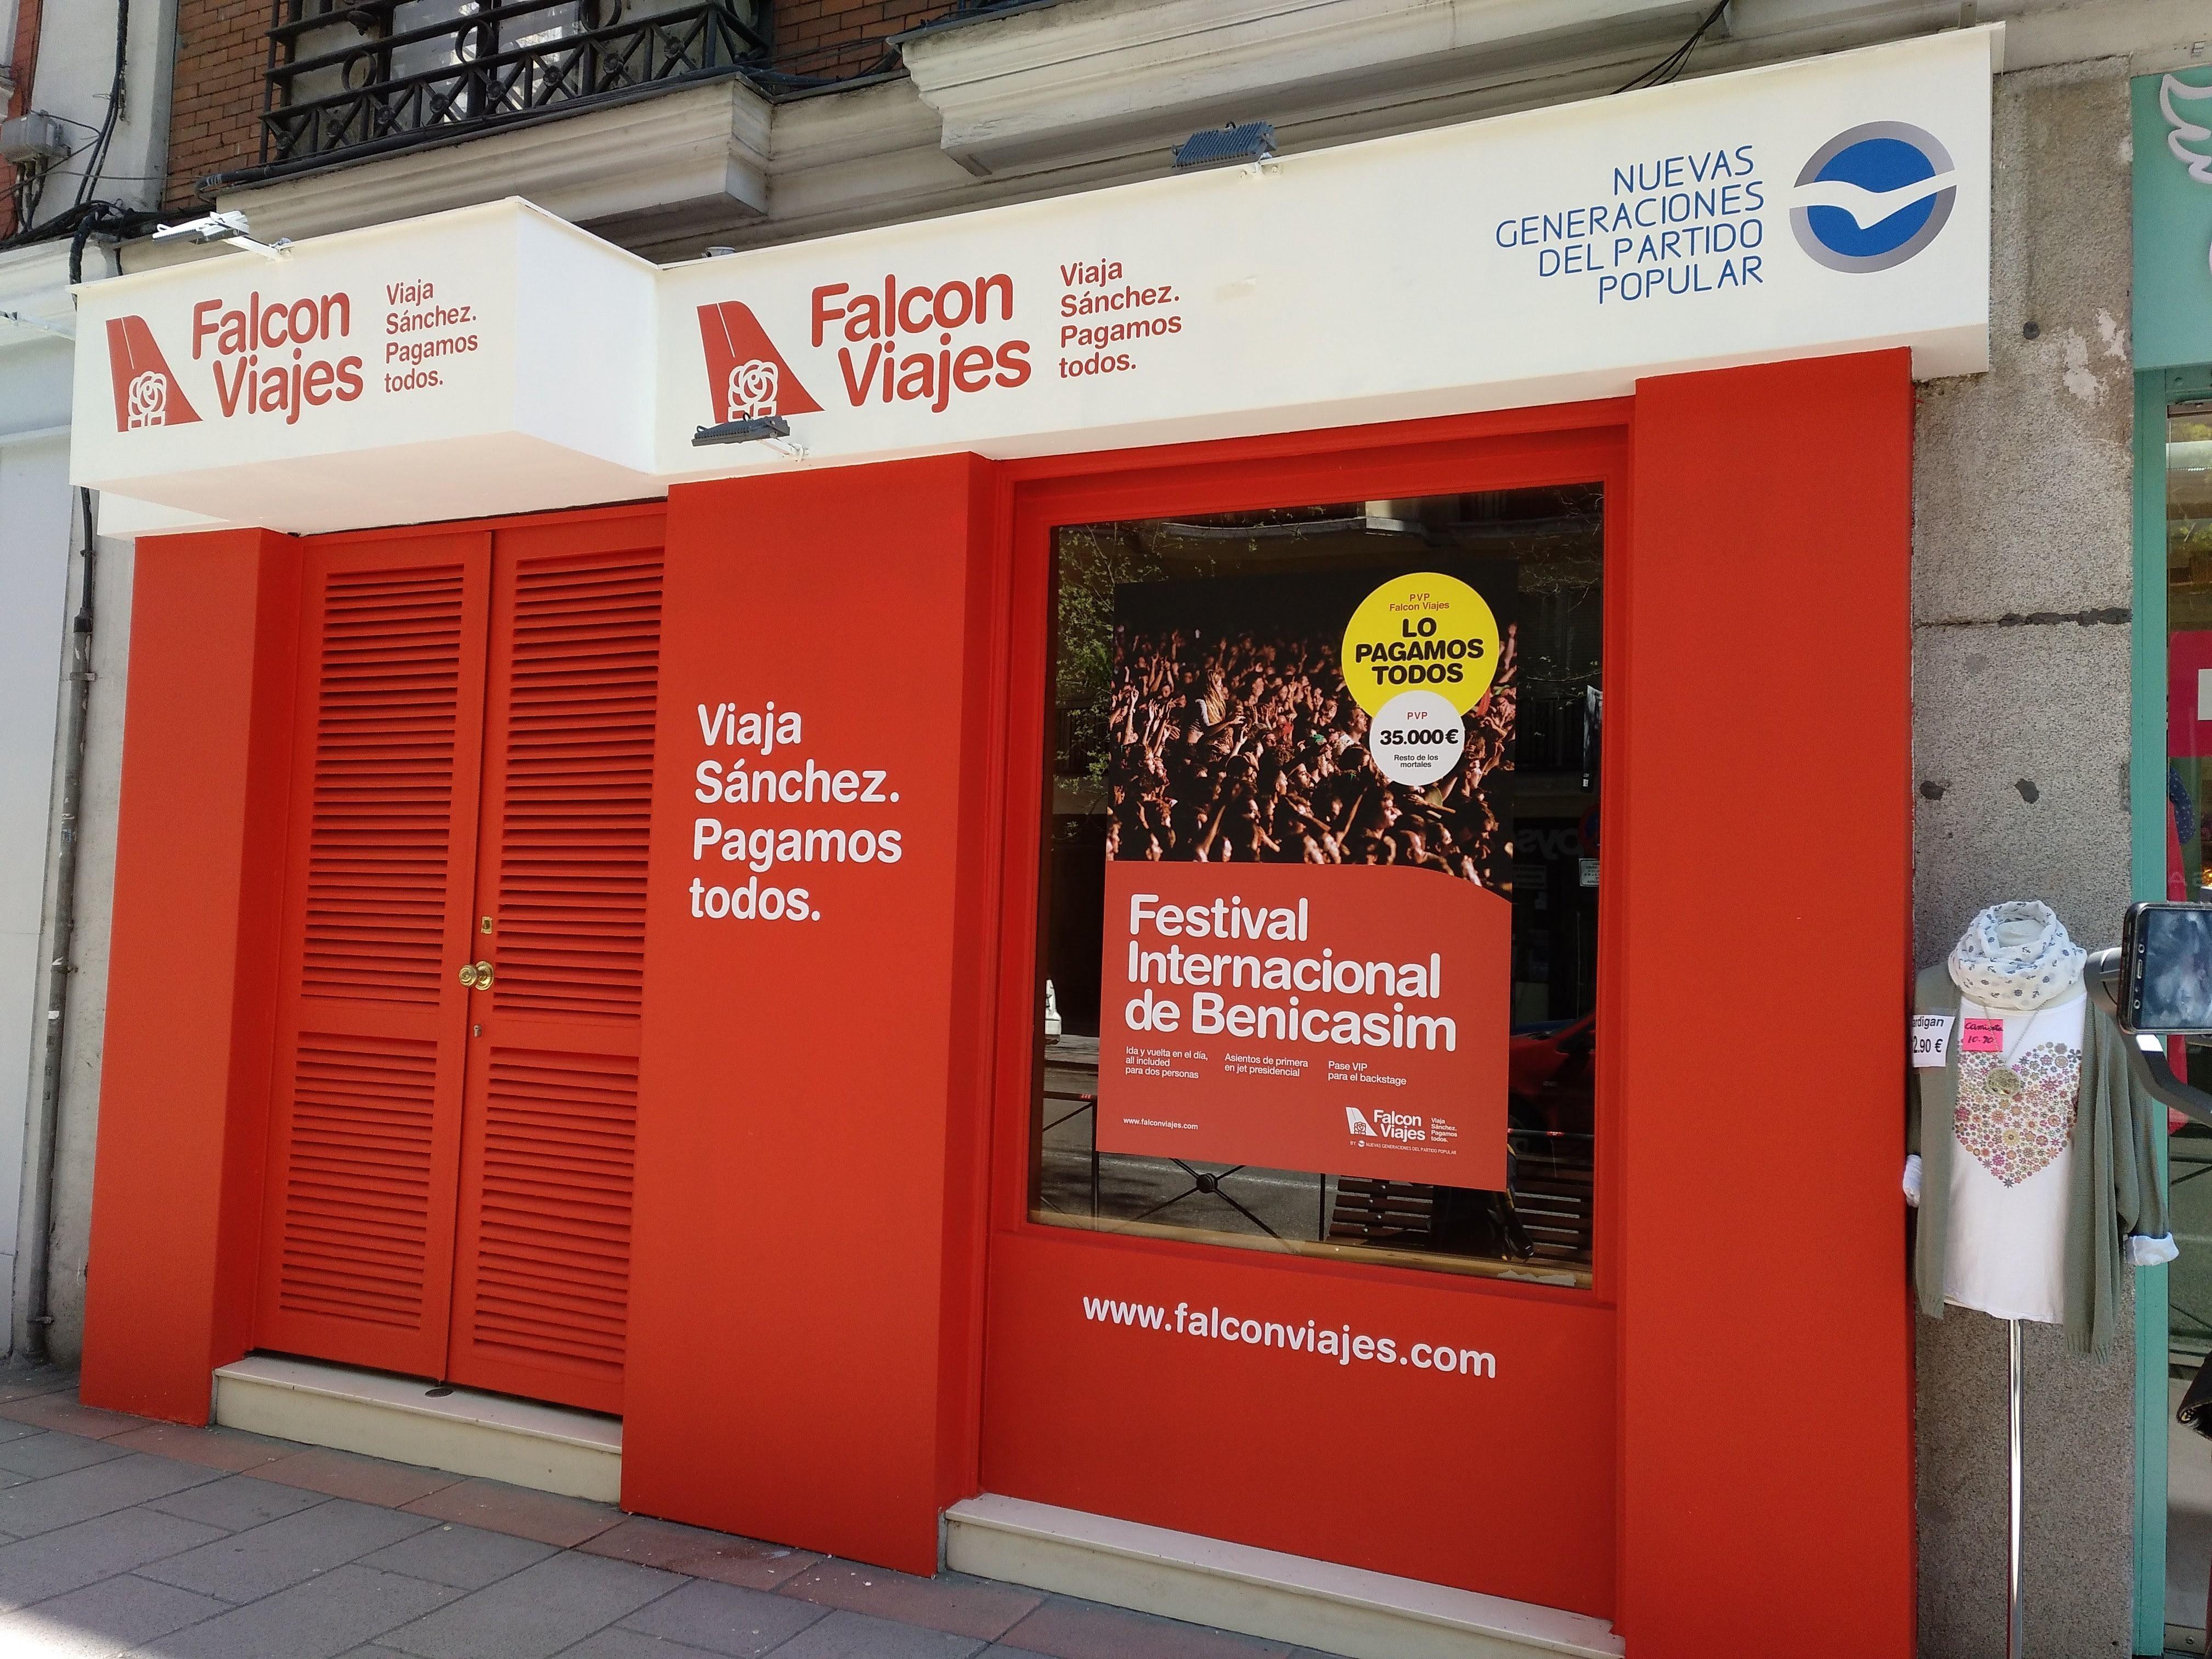 La broma de 'Falcon Viajes': el local cuesta 2.600 euros y ni siquiera está